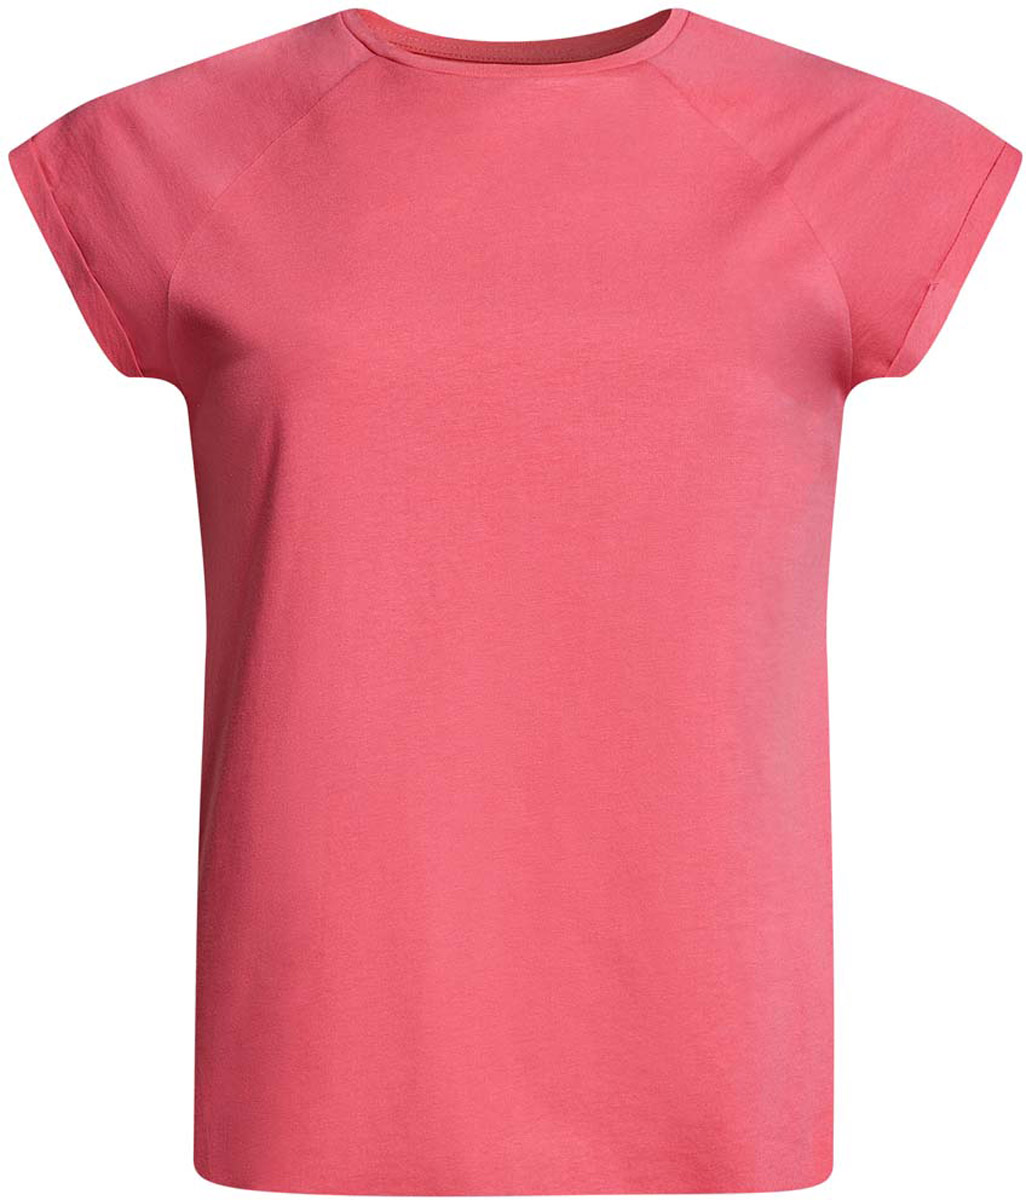 Футболка женская oodji Ultra, цвет: розовый. 14707001-4B/46154/4100N. Размер XS (42)14707001-4B/46154/4100NЖенская футболка выполнена из хлопка. Модель с круглым вырезом горловины и короткими рукавами реглан, дополненными отворотом.